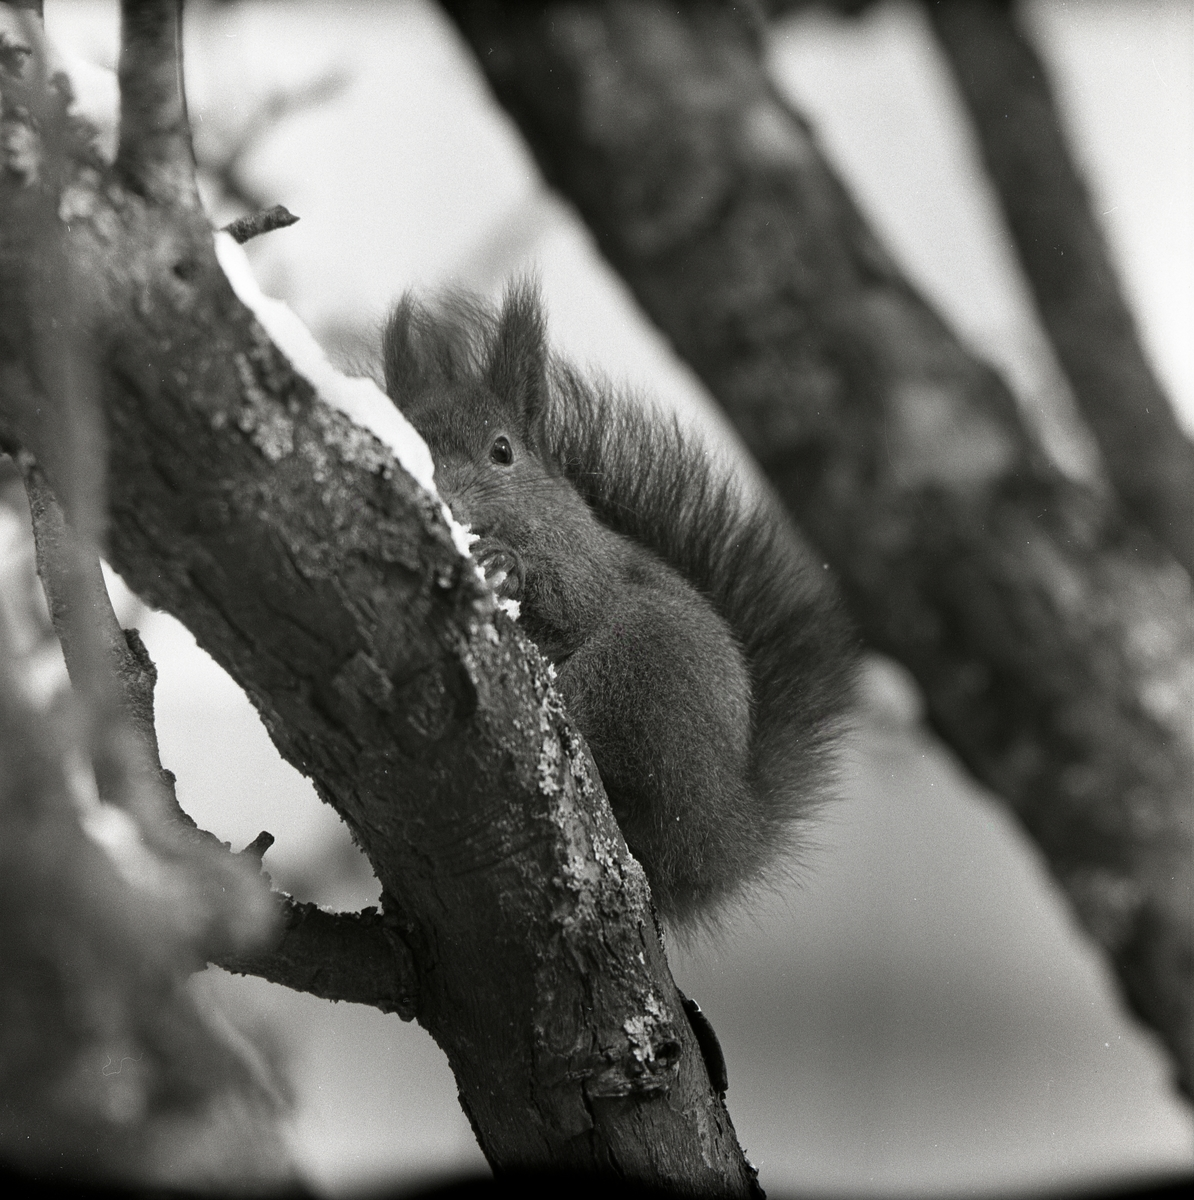 En ekorre är delvis täckt av den trädgren som den sitter på, 1960.